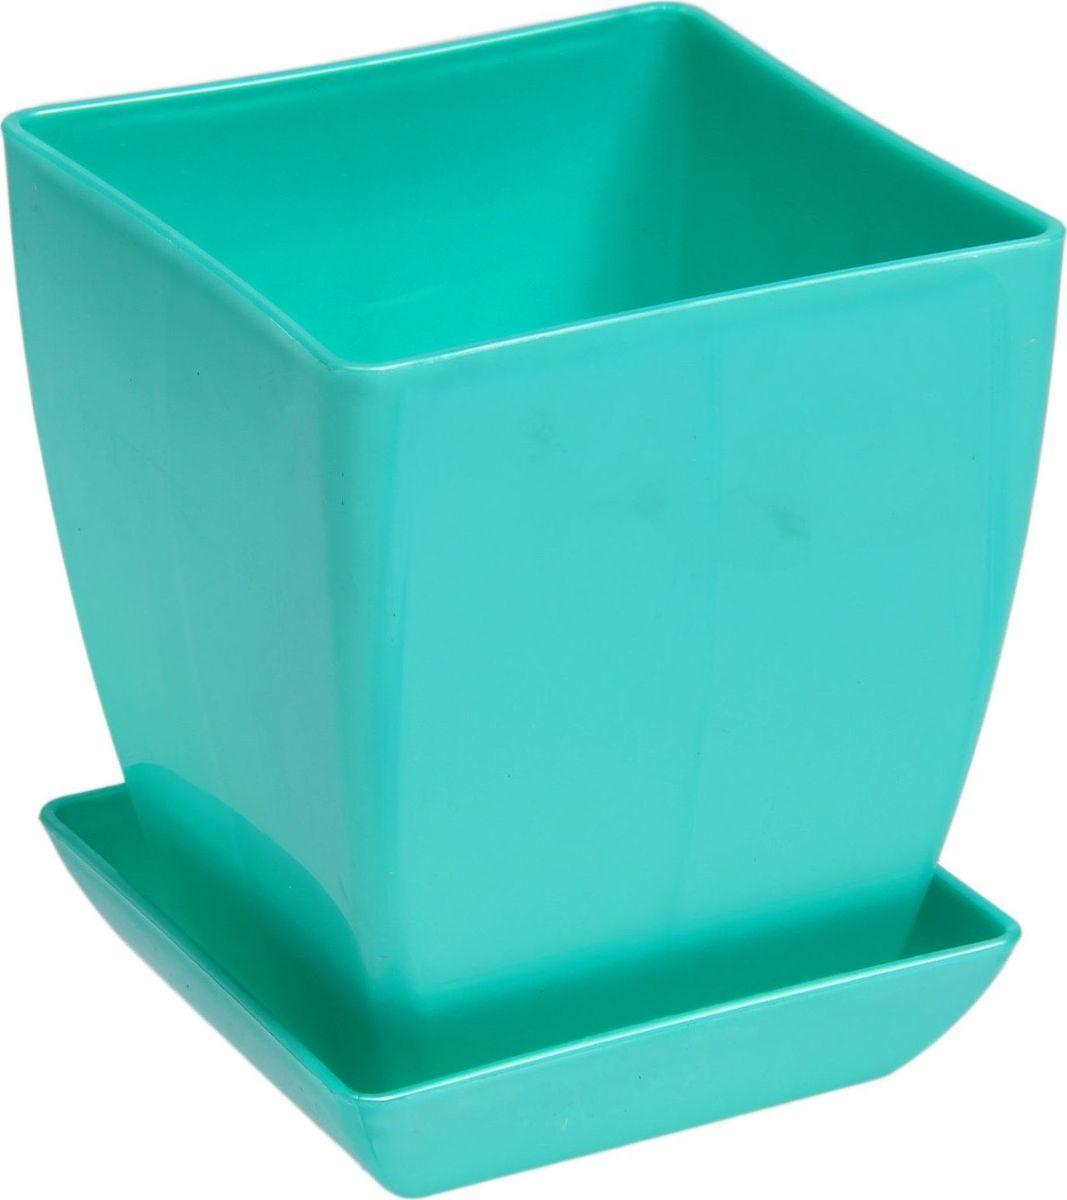 Горшок для цветов Квадрат, с поддоном, цвет: зеленый, 3,5 л1459542Любой, даже самый современный и продуманный интерьер будет незавершённым без растений. Они не только очищают воздух и насыщают его кислородом, но и украшают окружающее пространство. Такому полезному члену семьи просто необходим красивый и функциональный дом! Мы предлагаем #name#! Оптимальный выбор материала — пластмасса! Почему мы так считаем?Малый вес. С лёгкостью переносите горшки и кашпо с места на место, ставьте их на столики или полки, не беспокоясь о нагрузке. Простота ухода. Кашпо не нуждается в специальных условиях хранения. Его легко чистить — достаточно просто сполоснуть тёплой водой. Никаких потёртостей. Такие кашпо не царапают и не загрязняют поверхности, на которых стоят. Пластик дольше хранит влагу, а значит, растение реже нуждается в поливе. Пластмасса не пропускает воздух — корневой системе растения не грозят резкие перепады температур. Огромный выбор форм, декора и расцветок — вы без труда найдёте что-то, что идеально впишется в уже существующий интерьер. Соблюдая нехитрые правила ухода, вы можете заметно продлить срок службы горшков и кашпо из пластика:всегда учитывайте размер кроны и корневой системы (при разрастании большое растение способно повредить маленький горшок)берегите изделие от воздействия прямых солнечных лучей, чтобы горшки не выцветалидержите кашпо из пластика подальше от нагревающихся поверхностей. Создавайте прекрасные цветочные композиции, выращивайте рассаду или необычные растения.